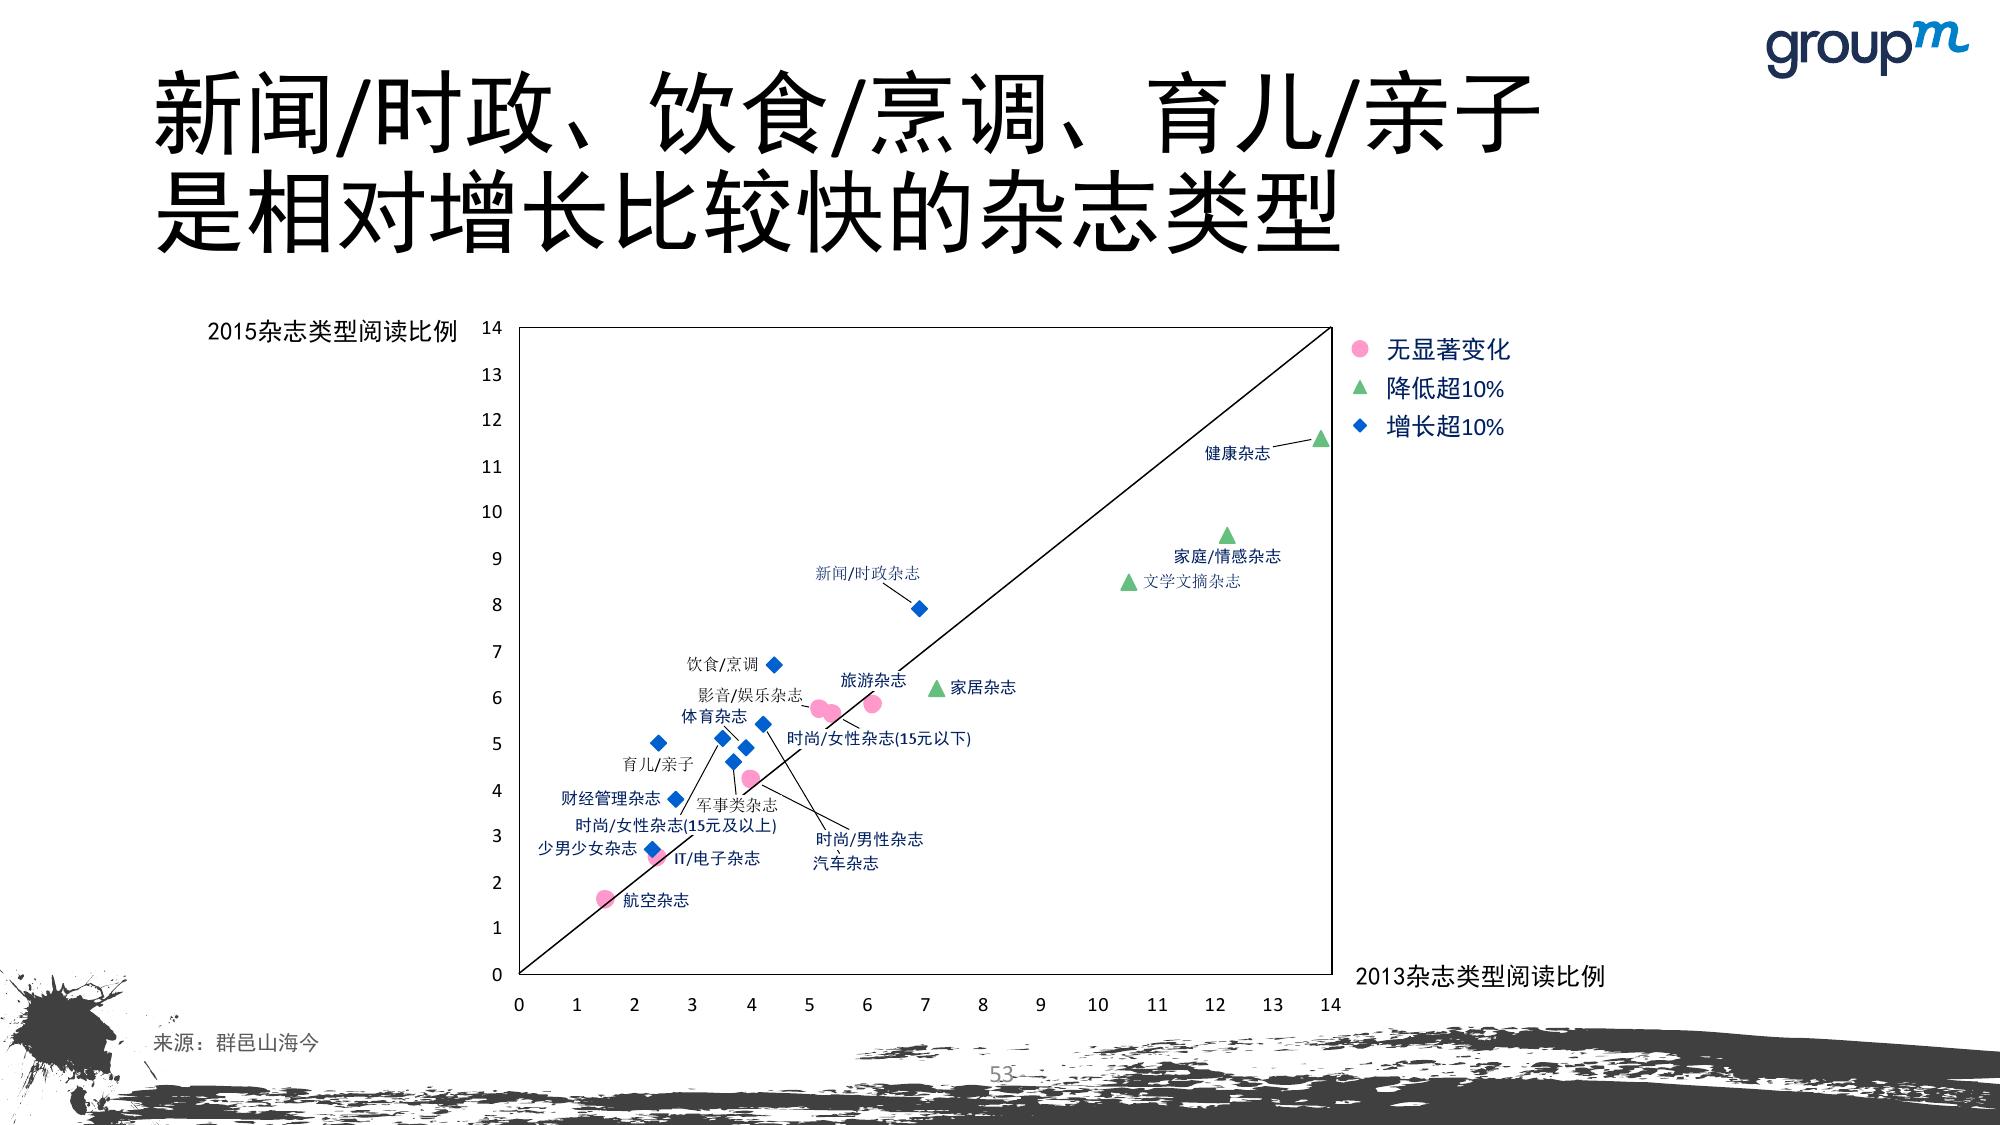 山海今2015中国媒介趋势报告_000053